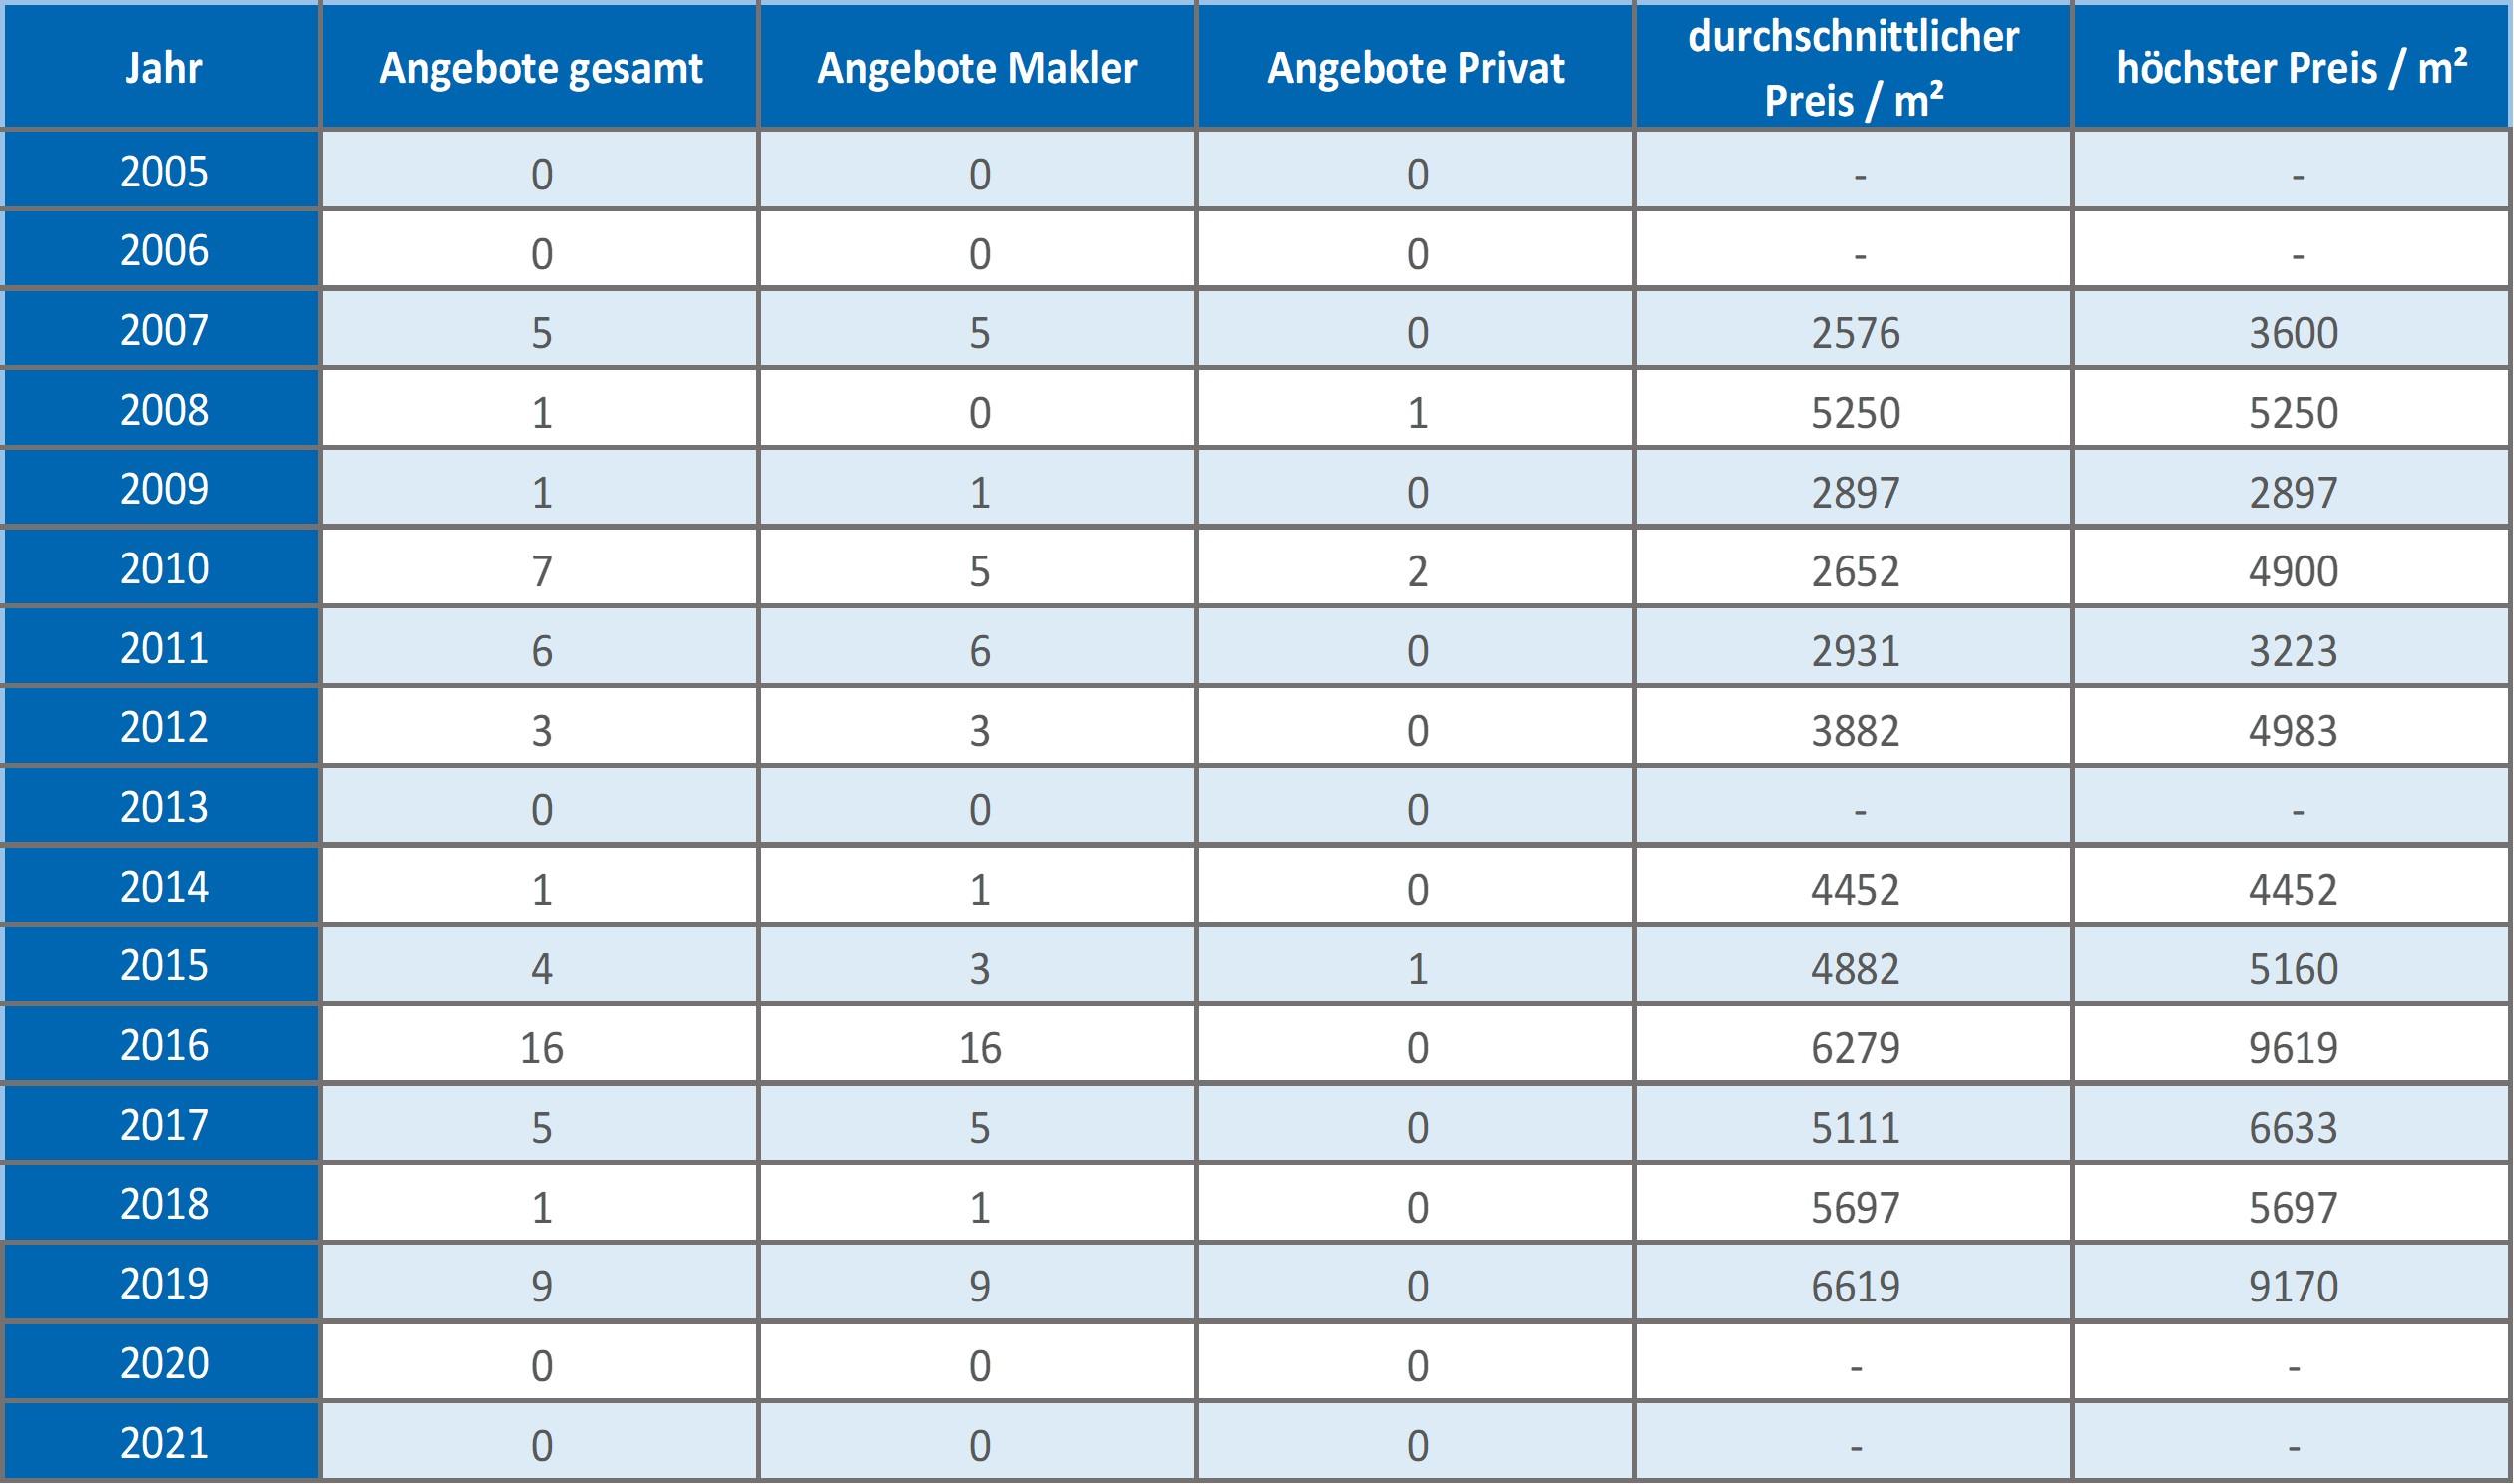 Ismaning Mehrfamilienhaus kaufen verkaufen Preis Bewertung Makler 2019 2020 2021  www.happy-immo.de